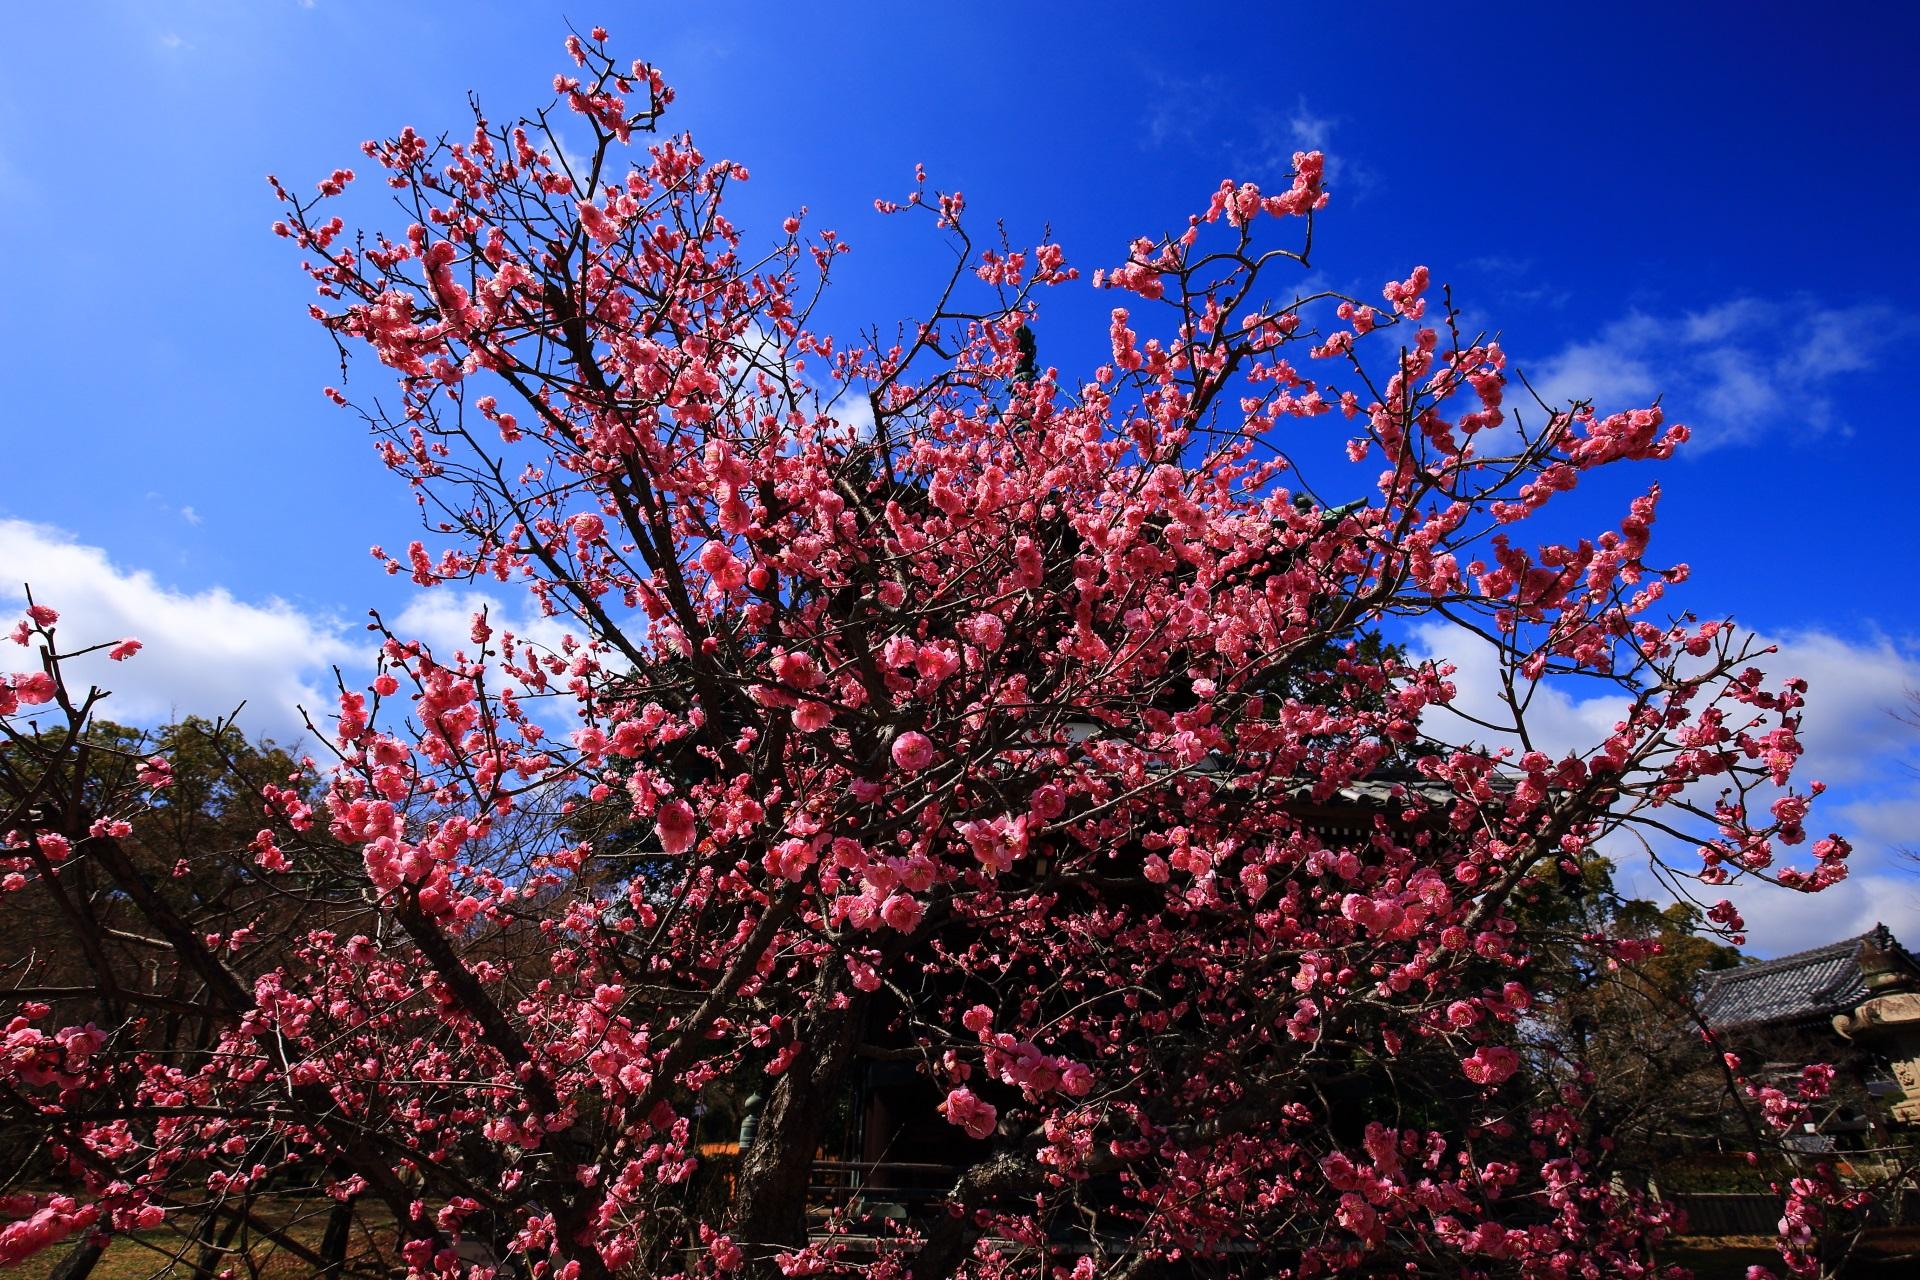 弾け飛びそうなくらい咲き乱れる煌くピンクの梅